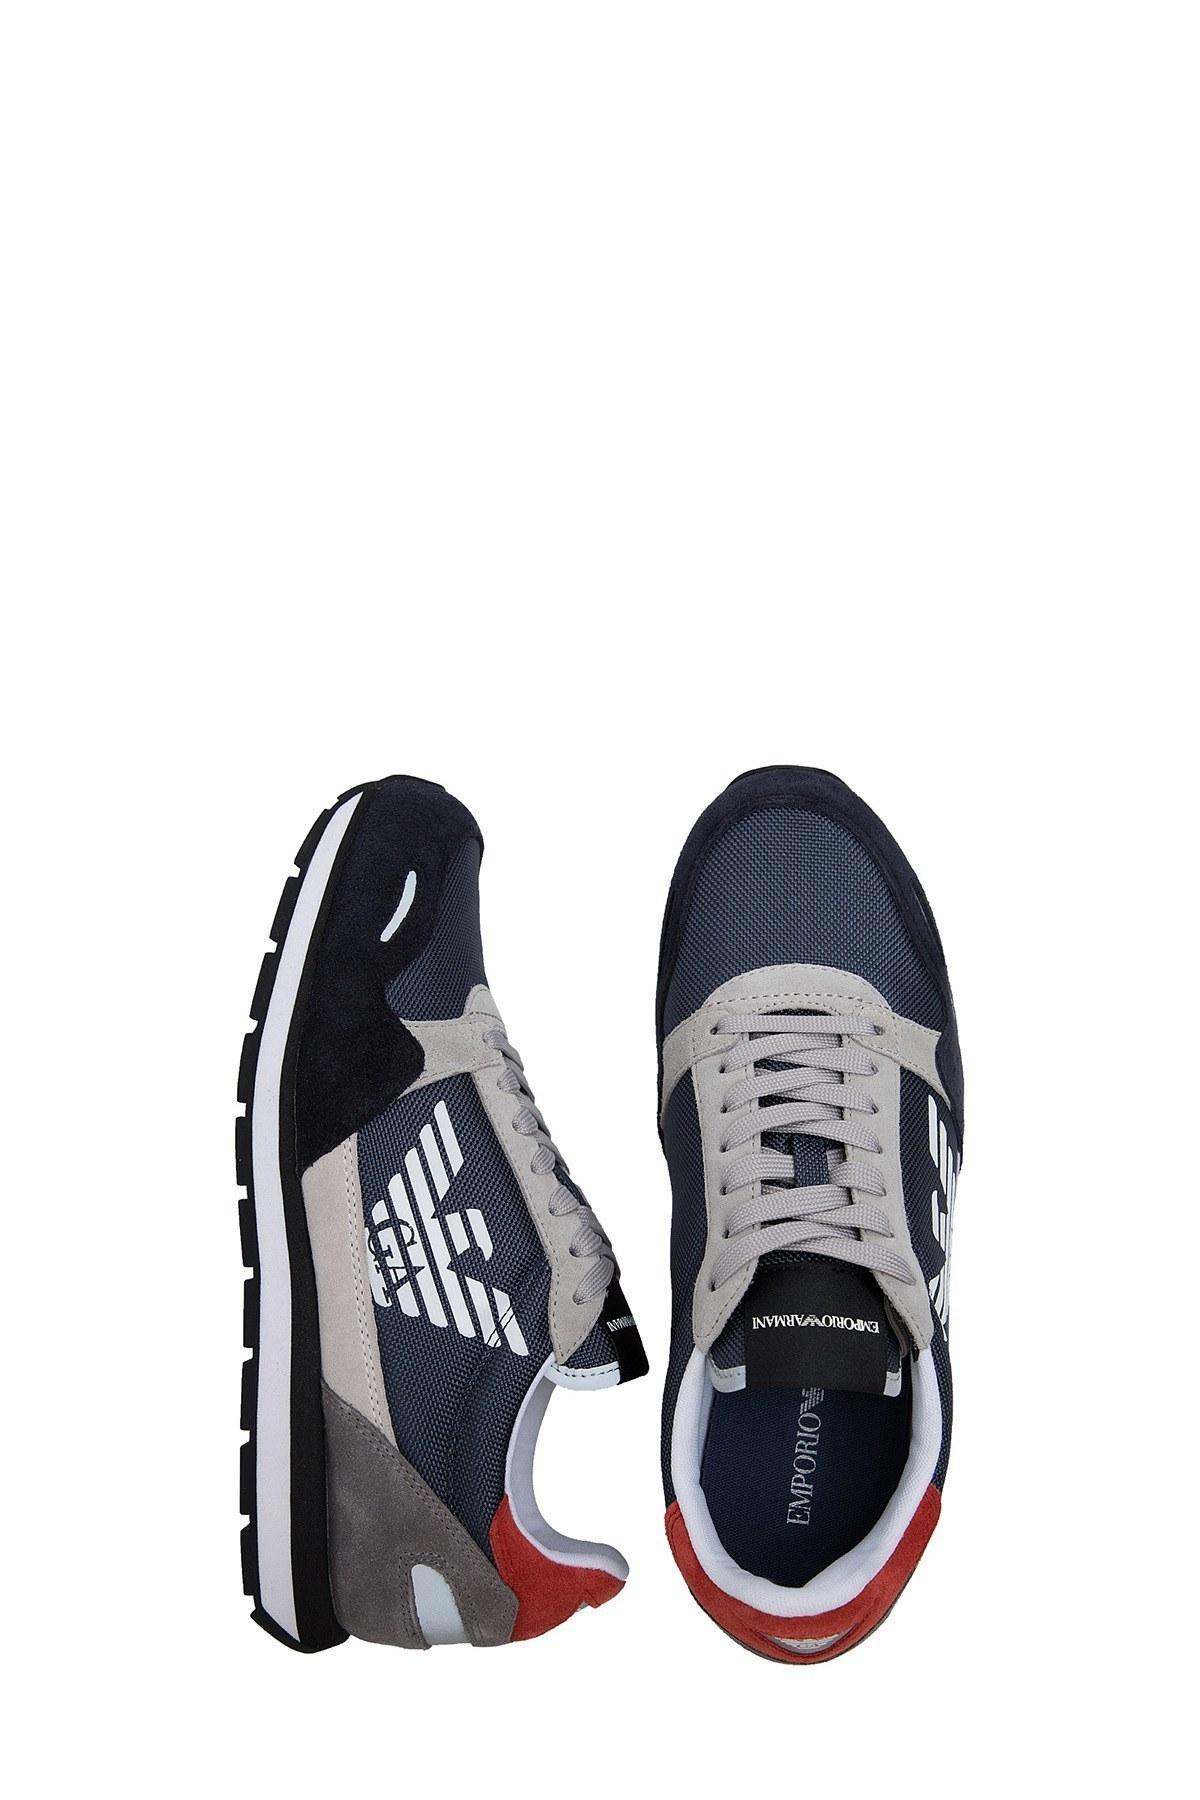 Emporio Armani Erkek Ayakkabı X4X215 XL200 R821 LACİVERT-BEYAZ